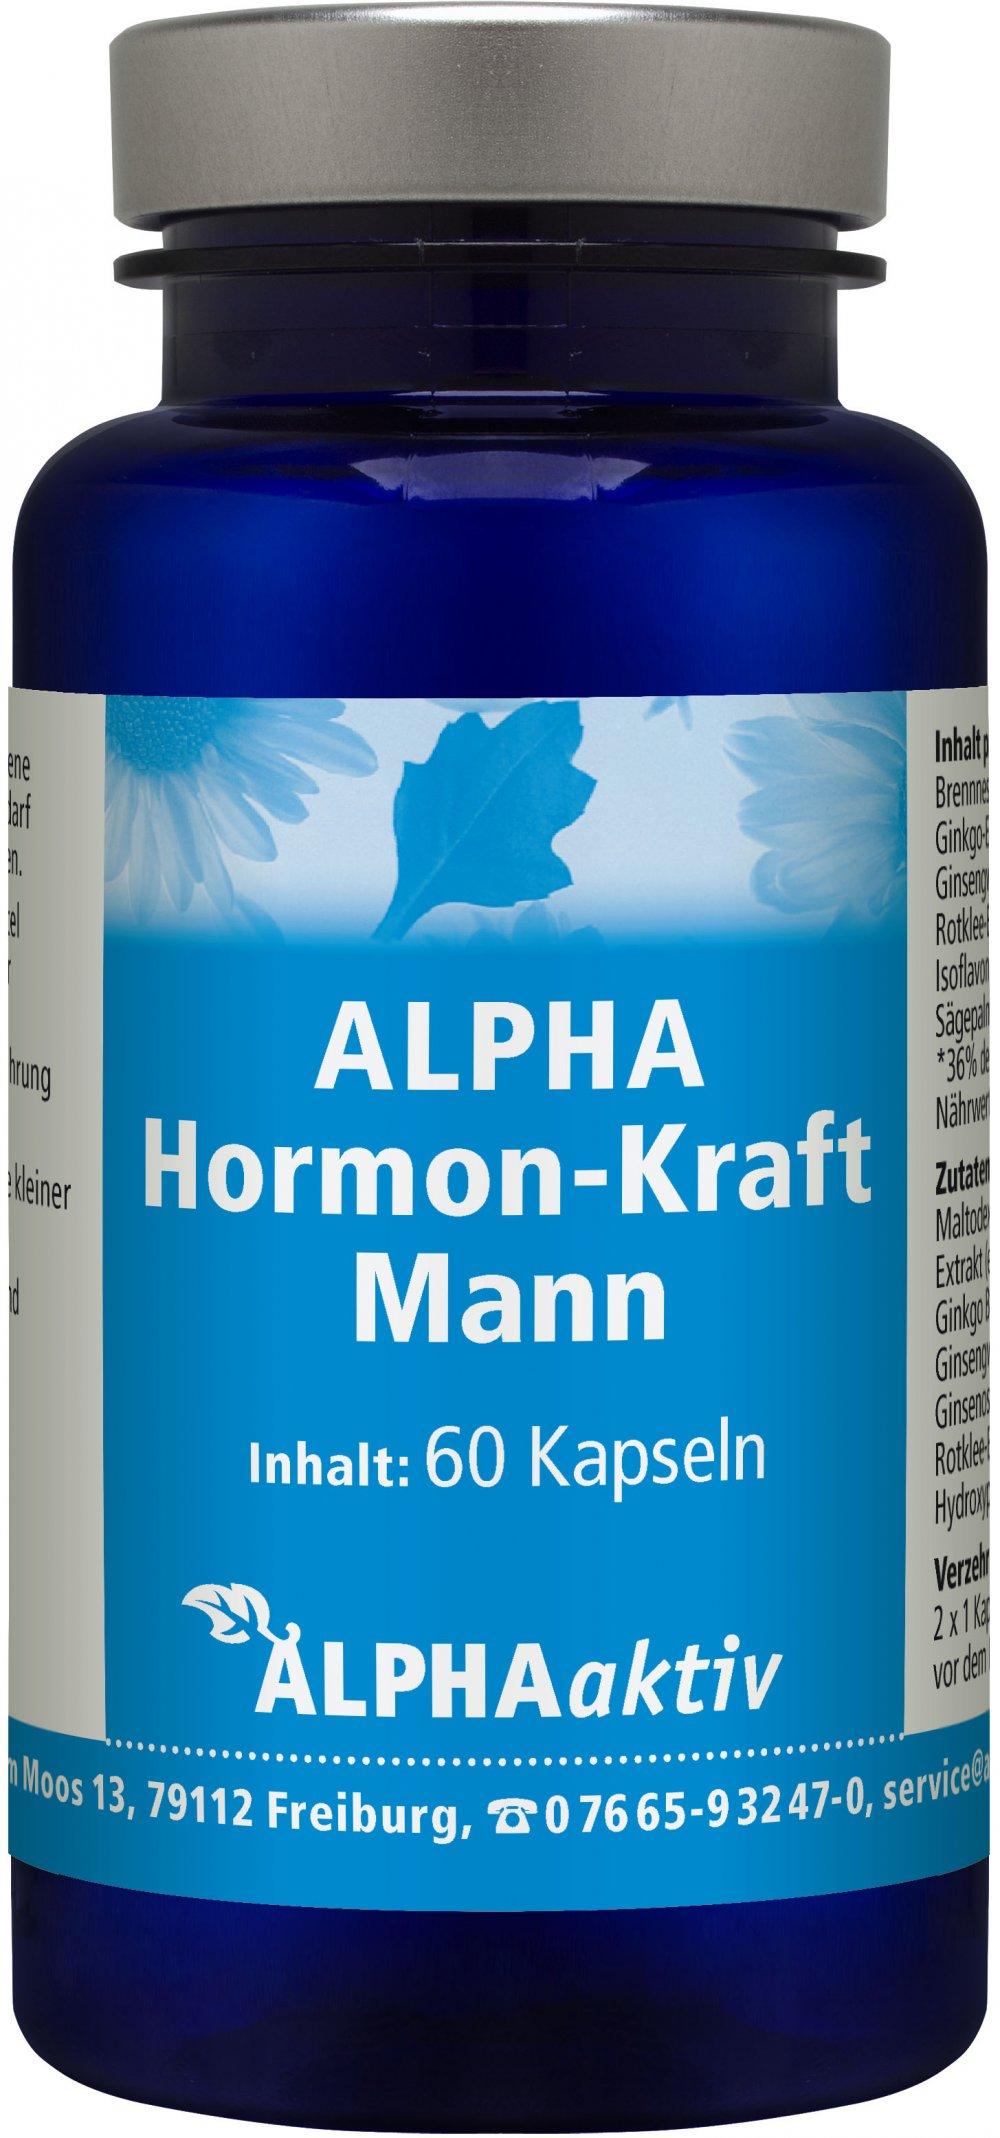 Biopure - Hormon-Kraft Mann